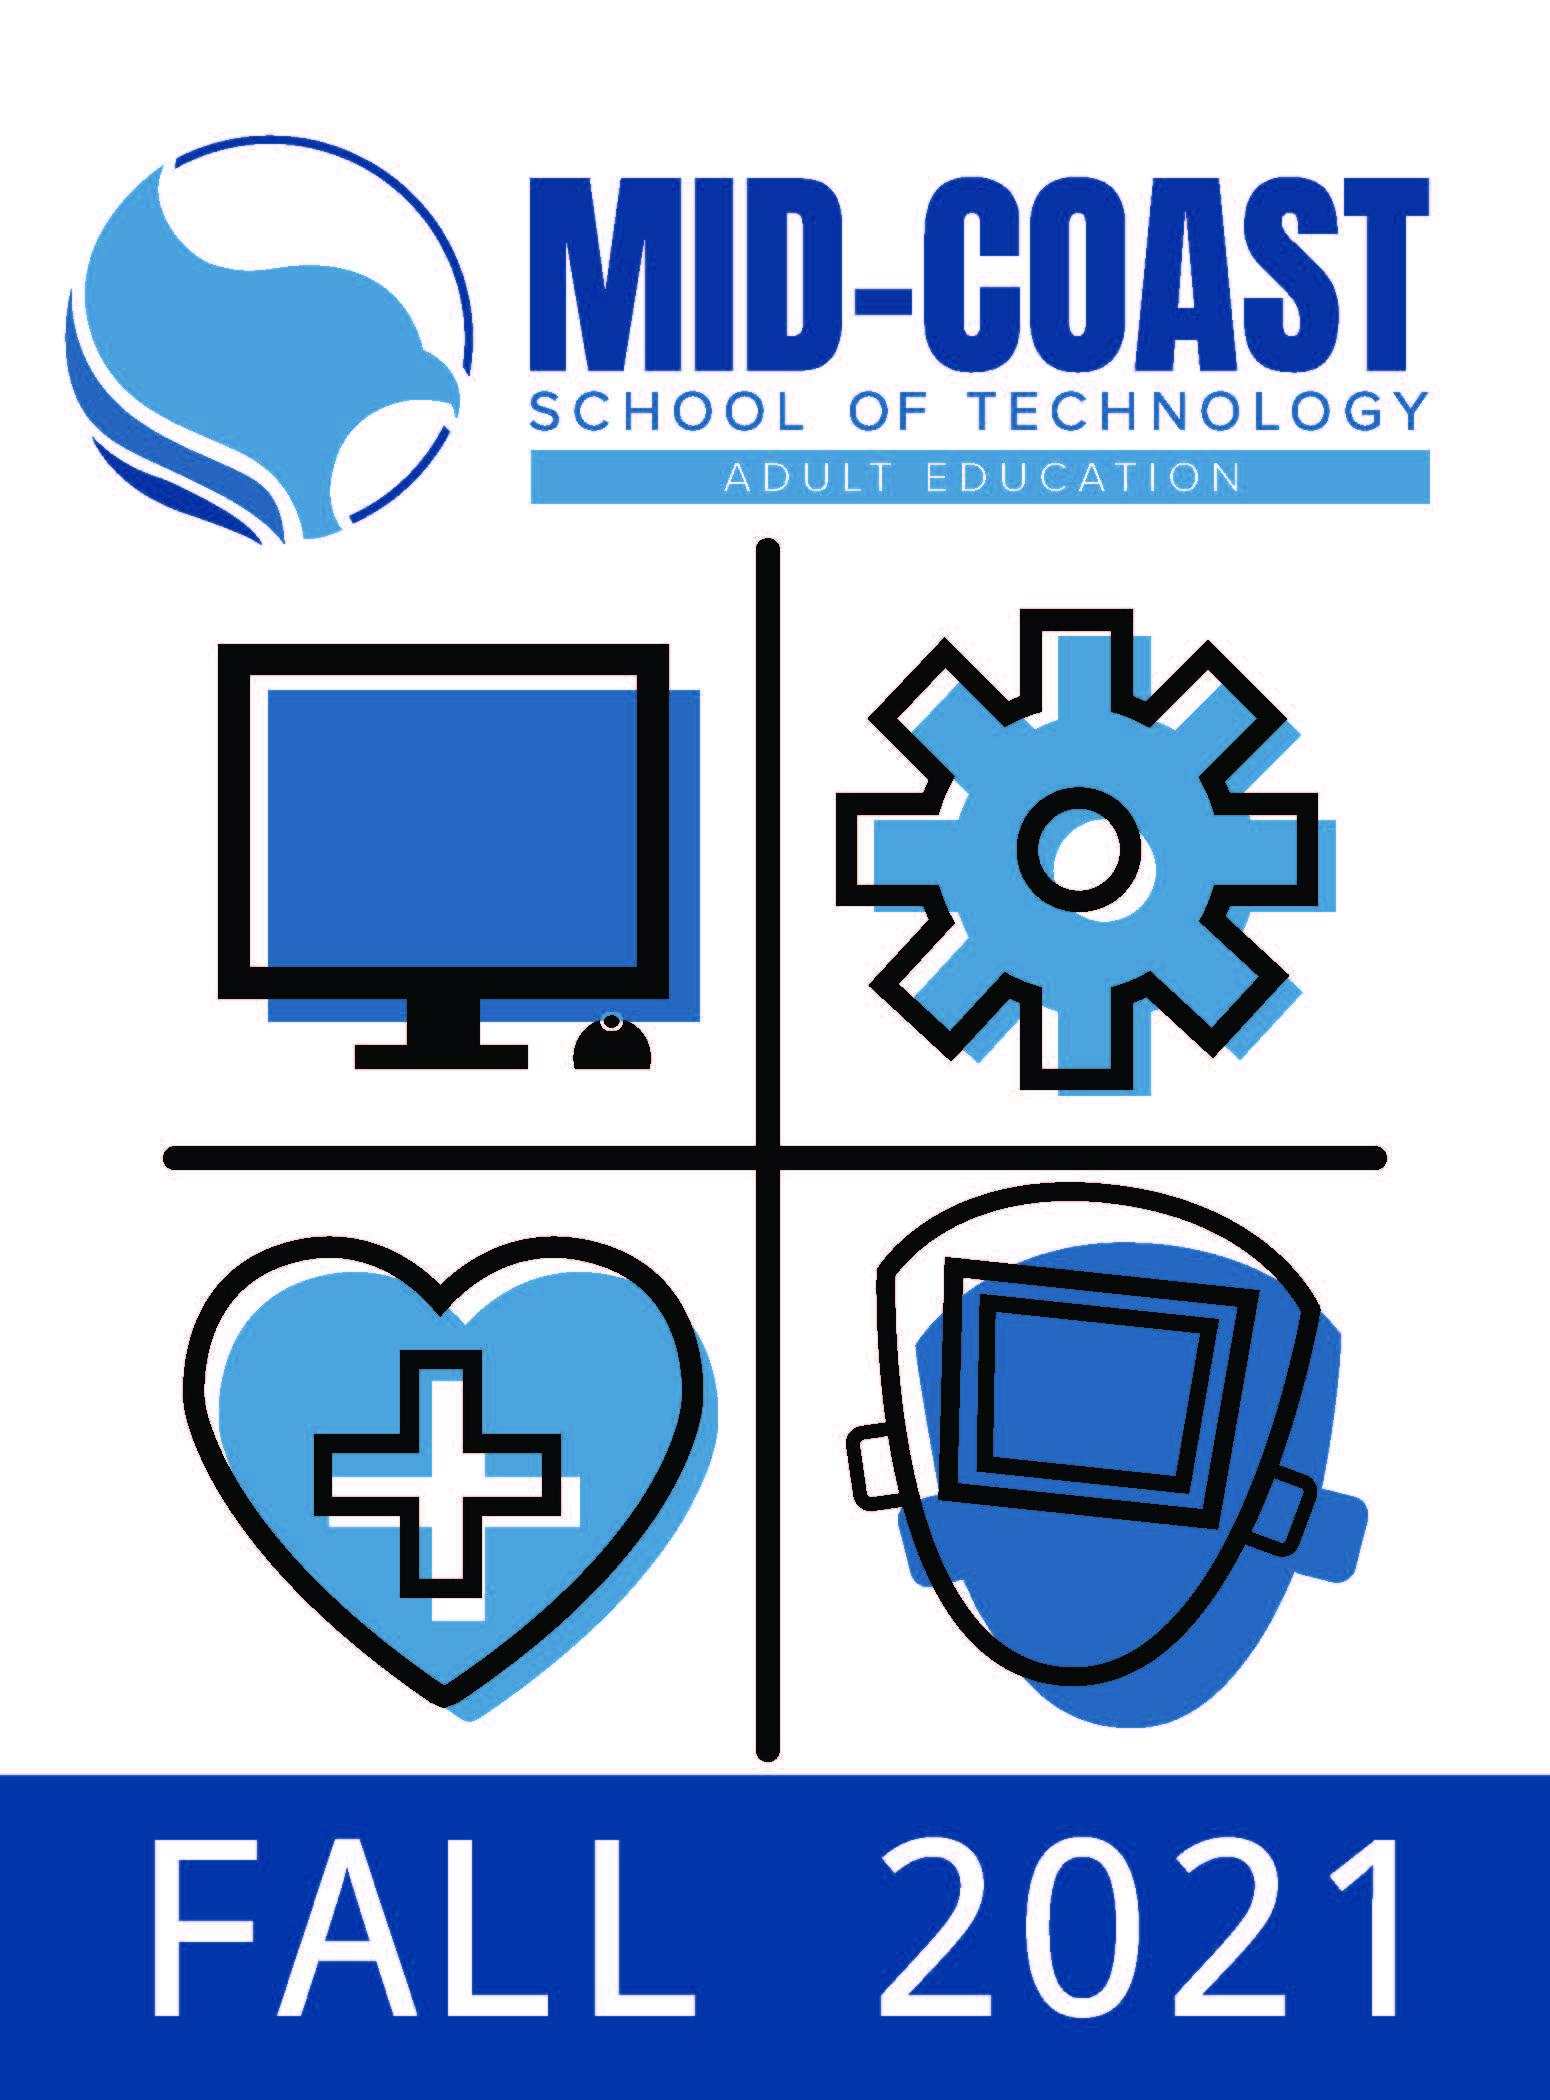 Mid-coast School of Technology Adult Education image #2654